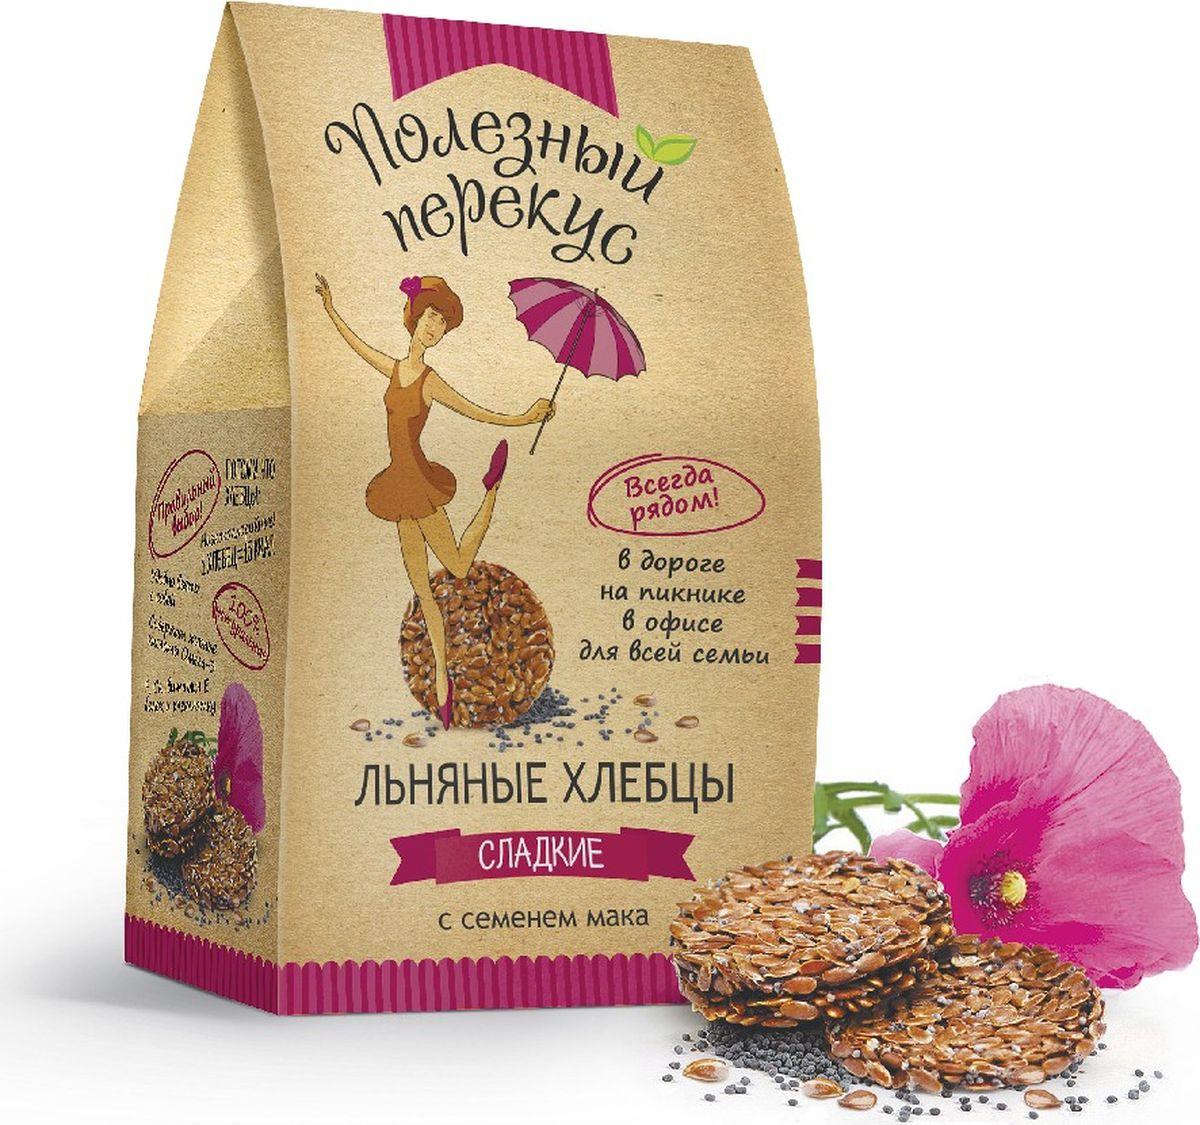 Полезный перекус хлебцы льняные с маком сладкие, 100 г212003Льняные хлебцы - хрустящие снеки прямо с Алтайских полей! Помогут вам с пользой для здоровья утолить голод даже на ходу! Ведь льняное семя - это источник жирных Омега-3 кислот, клетчатки и растительного белка. Семена льна помогут настроить работу кишечника и тем самым нормализовать вес.Мак - богат кальцием, фосфором и витамином Е, полезен для нервной системы, а фруктоза совсем не повредит фигуре и зубам сладкоежек. Сочетая пользу льняных и маковых семечек, мы создали для Вас прекрасную альтернативу быстрой еде - абсолютно натуральные льняные хлебцы на любой день и для любой ситуации!